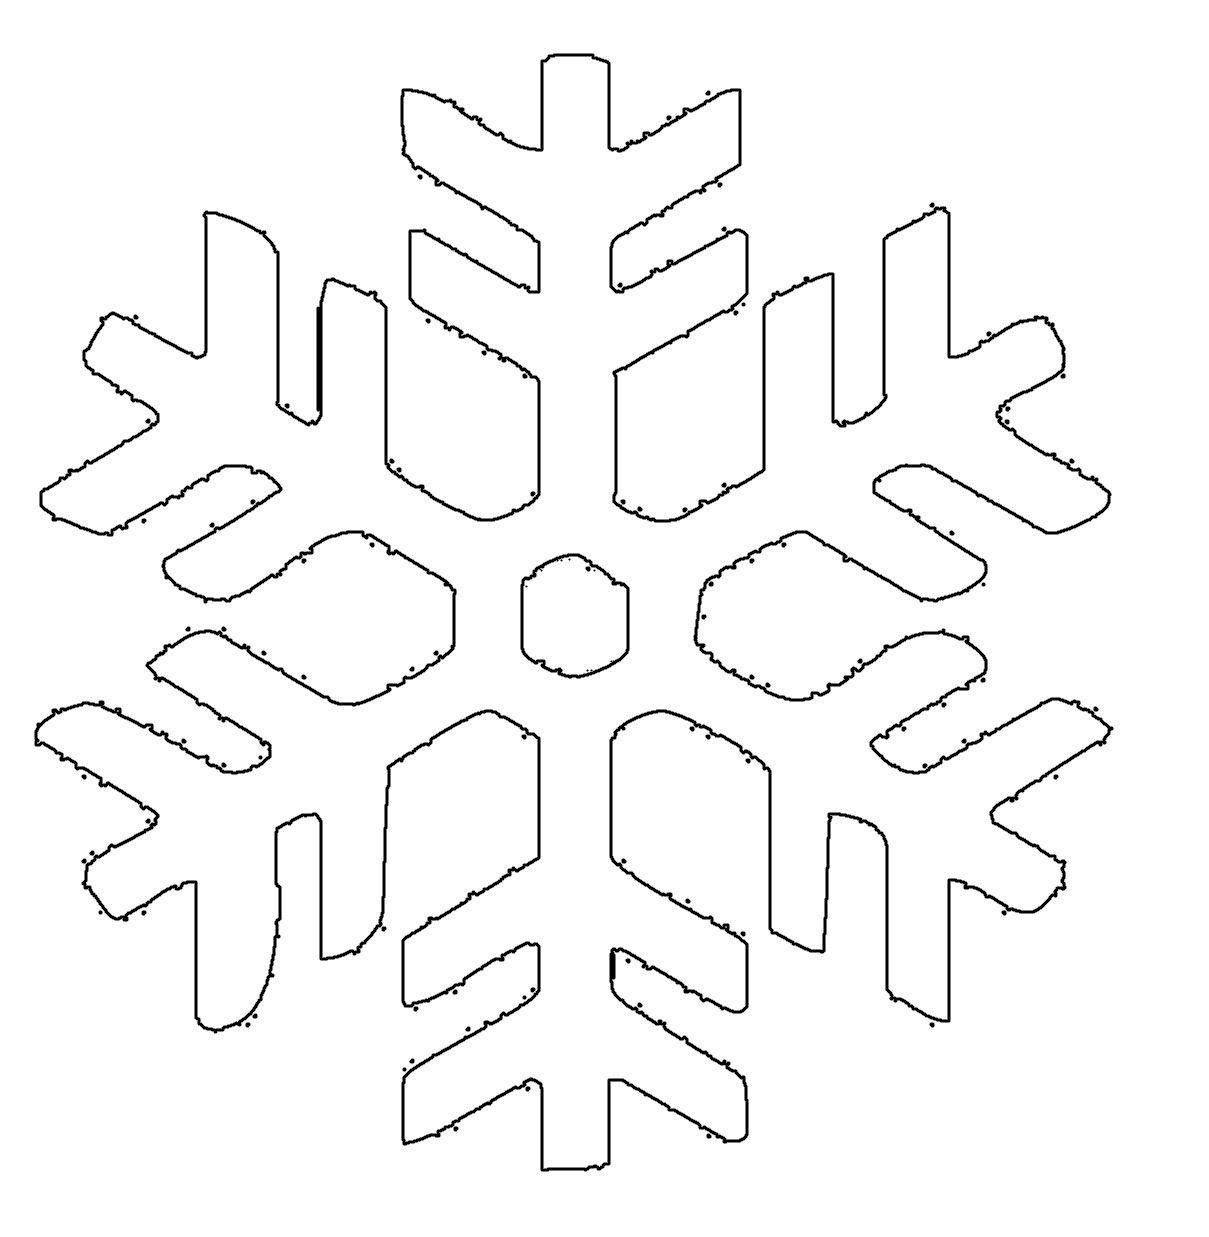 Schneeflocke4 Schneeflocken Basteln Vorlage Schneeflocke Vorlage Schneeflocken